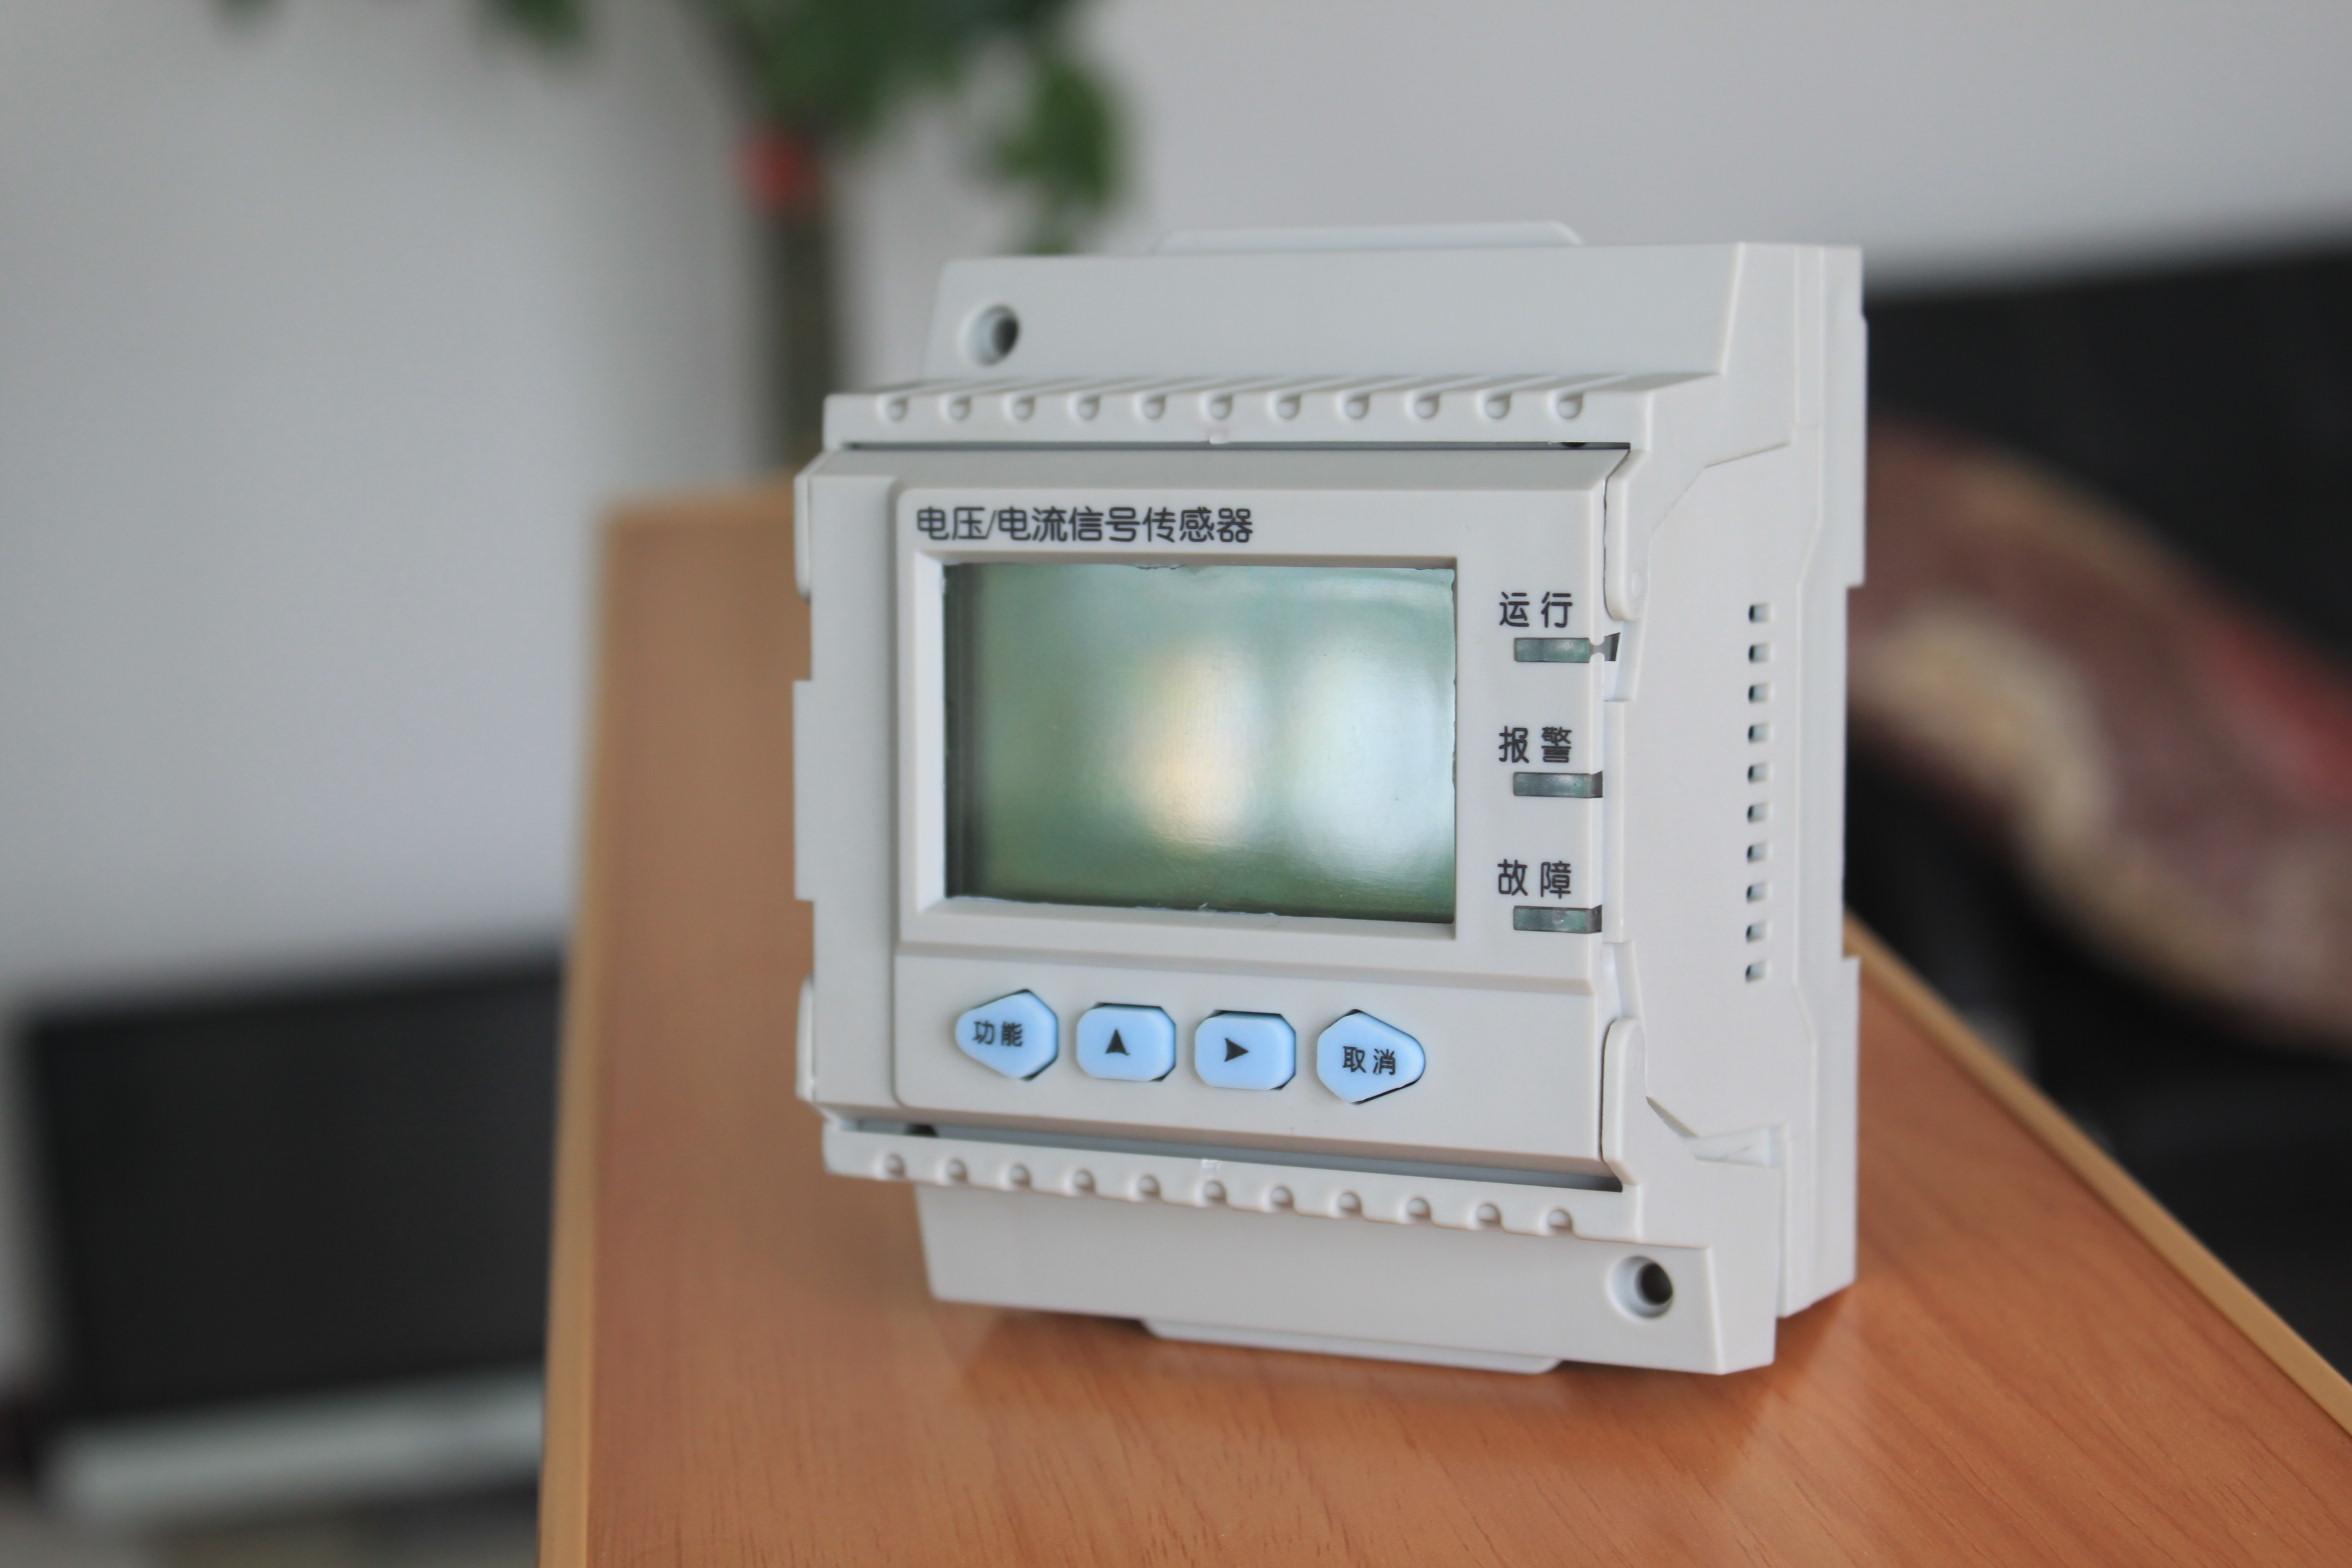 山东睿控RKFE-M2-2AV消防设备电源监控系统接线图 消防设备电源监控模块